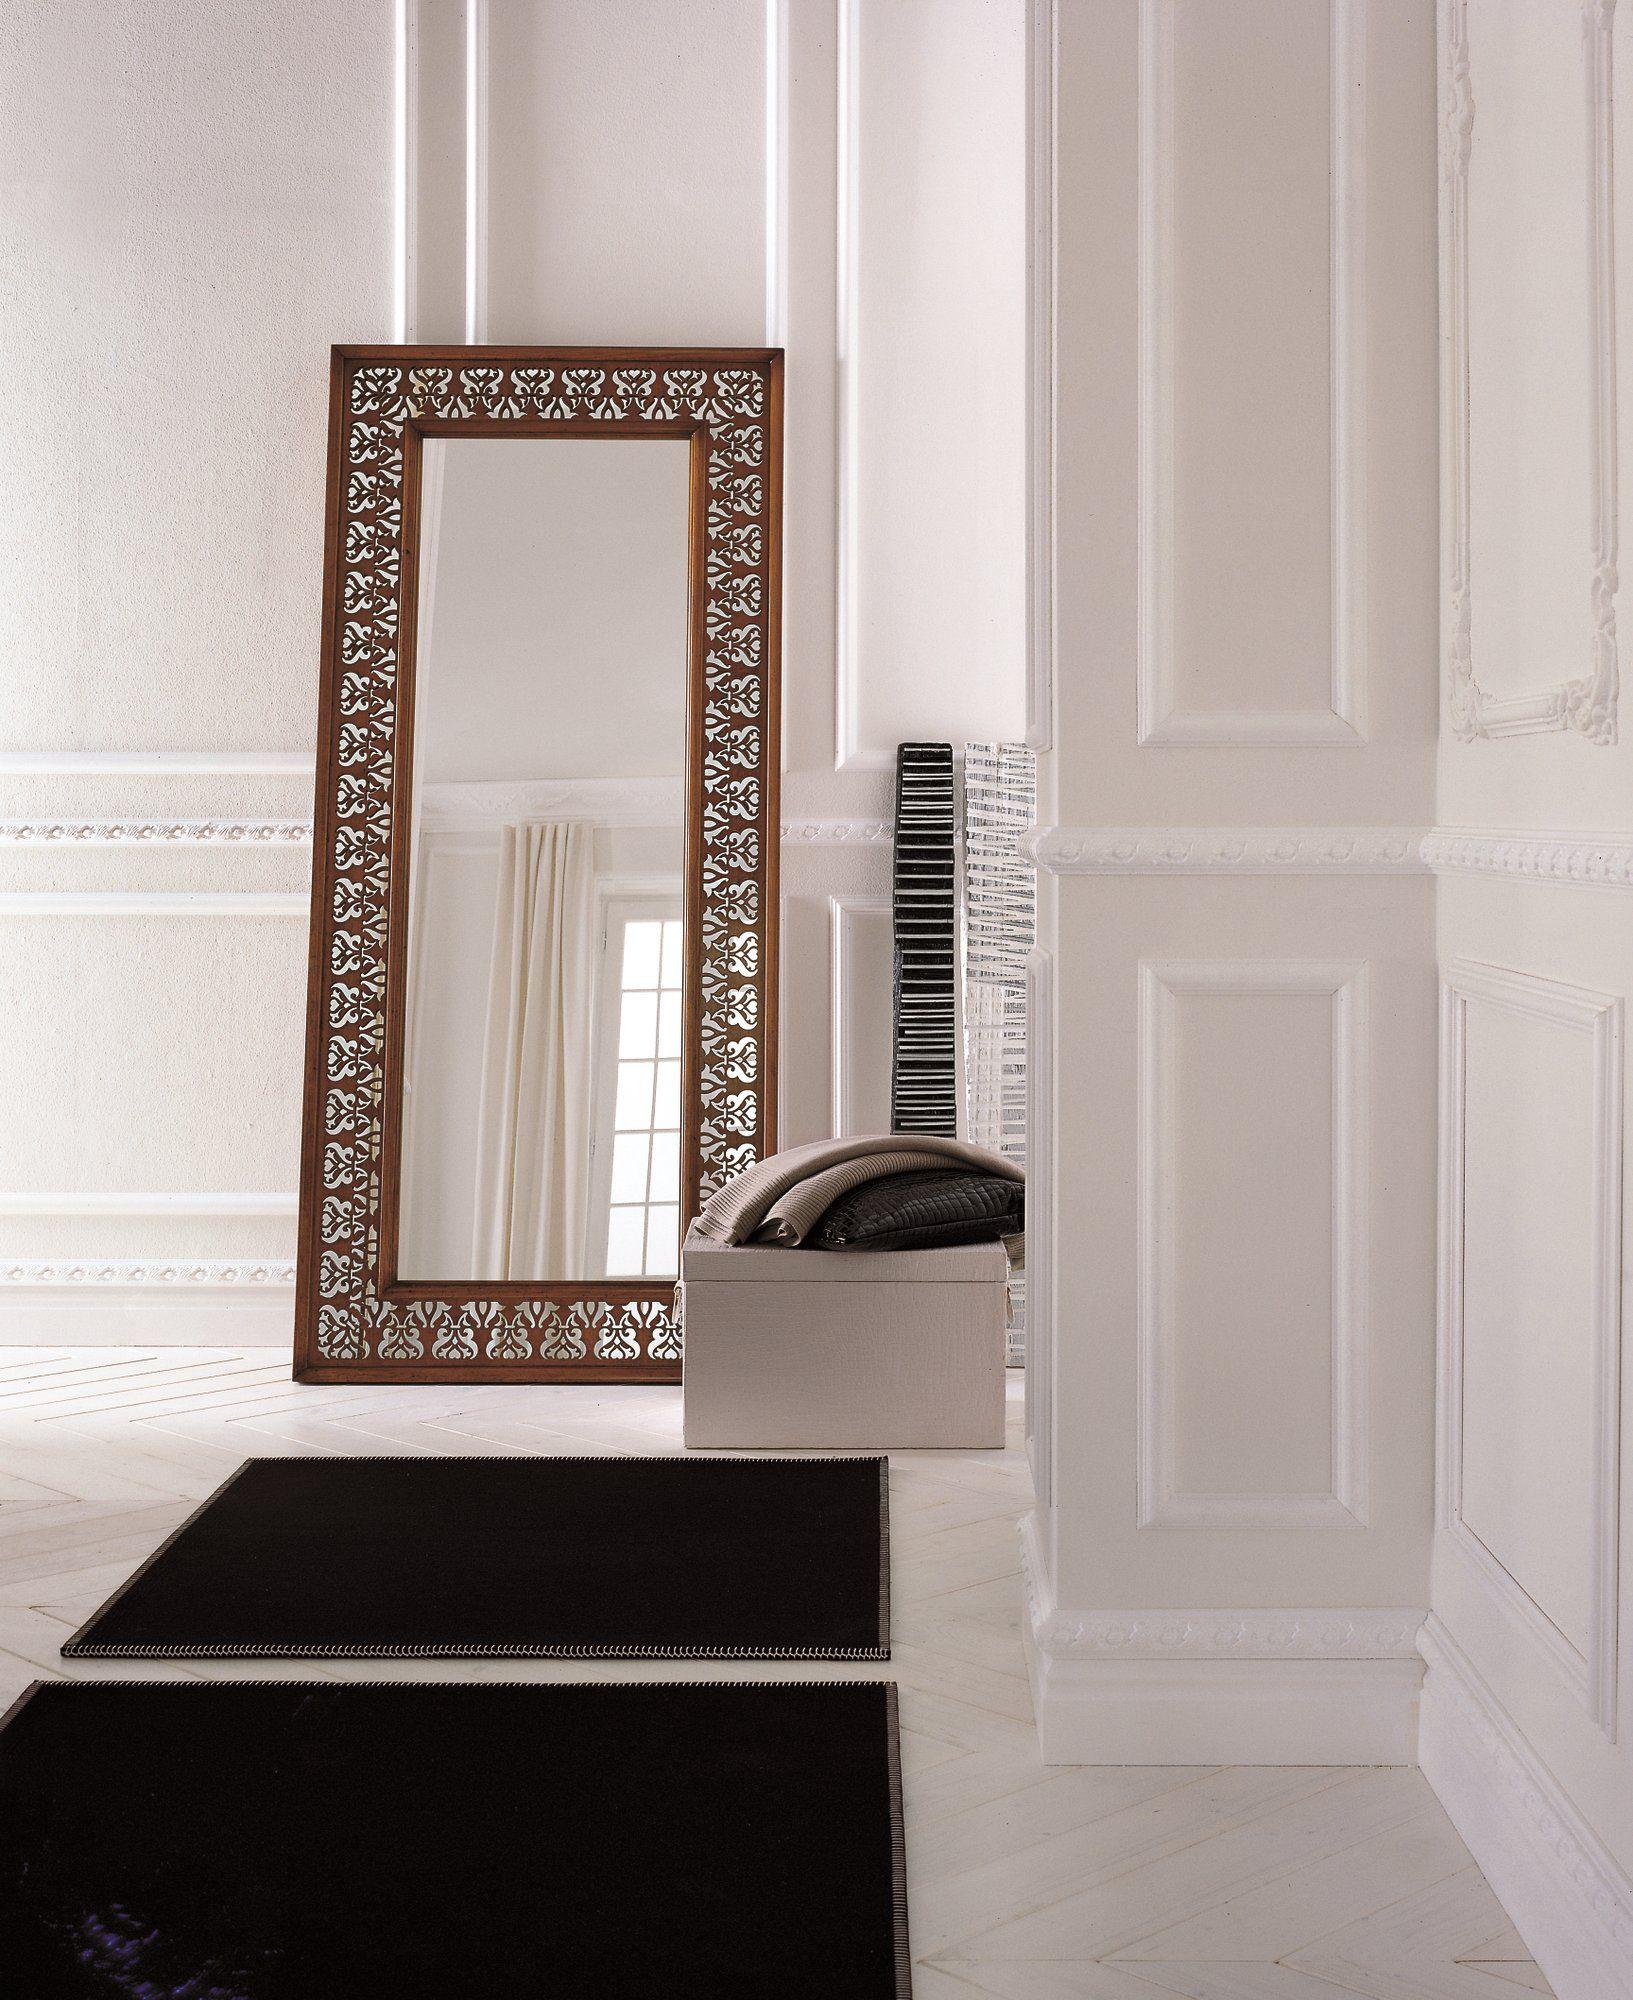 Specchio rettangolare in noce collezione la scala by dall for Specchio noce